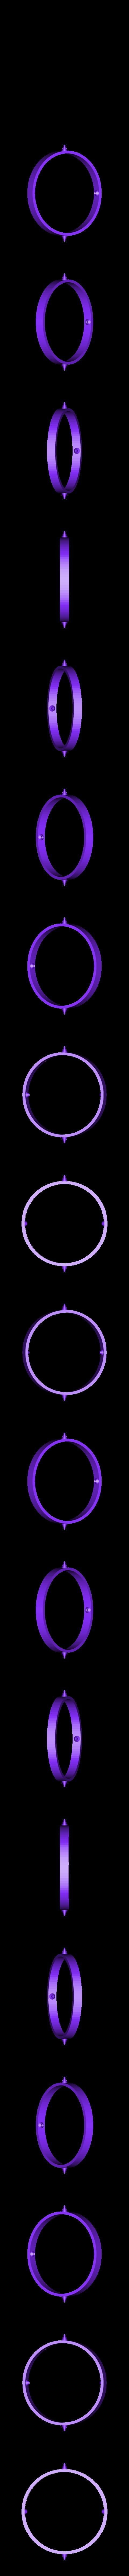 gyroscope-gimbal3.stl Télécharger fichier STL gratuit Gyroscope jouet • Modèle imprimable en 3D, AliSouskian